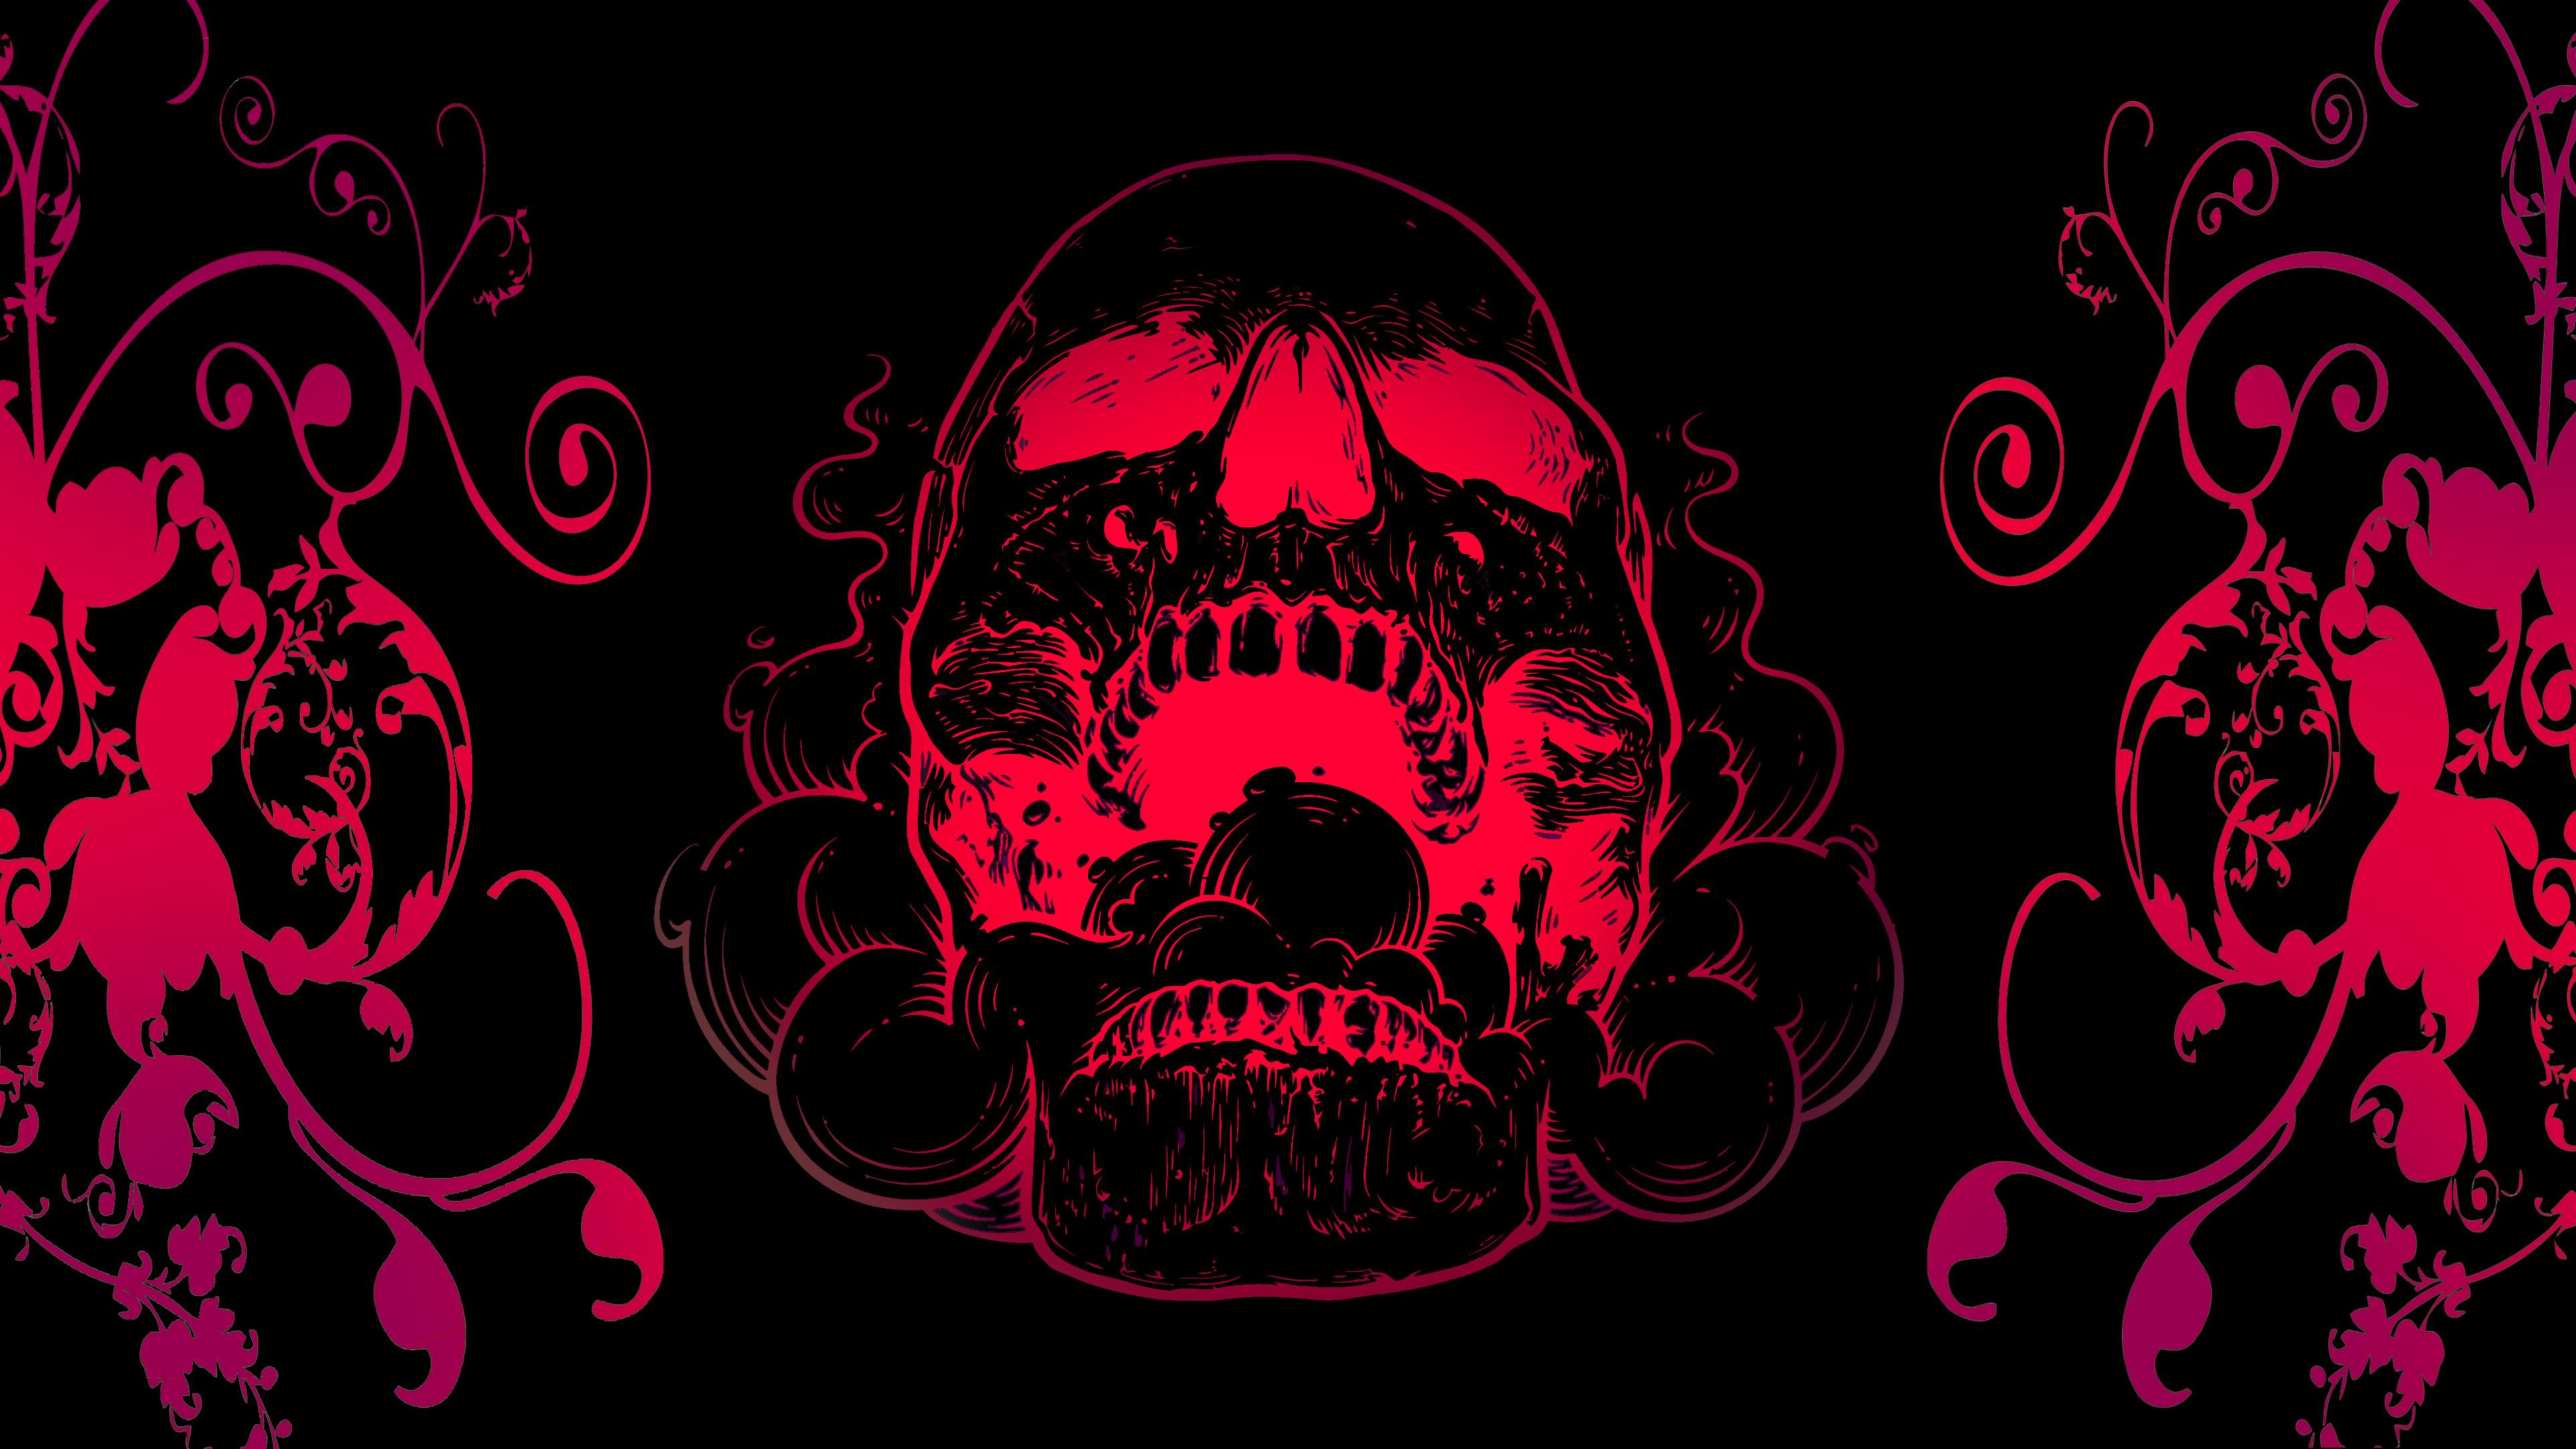 Wallpaper 4k Red Skull Flowers Black Background 4k 4k Wallpapers